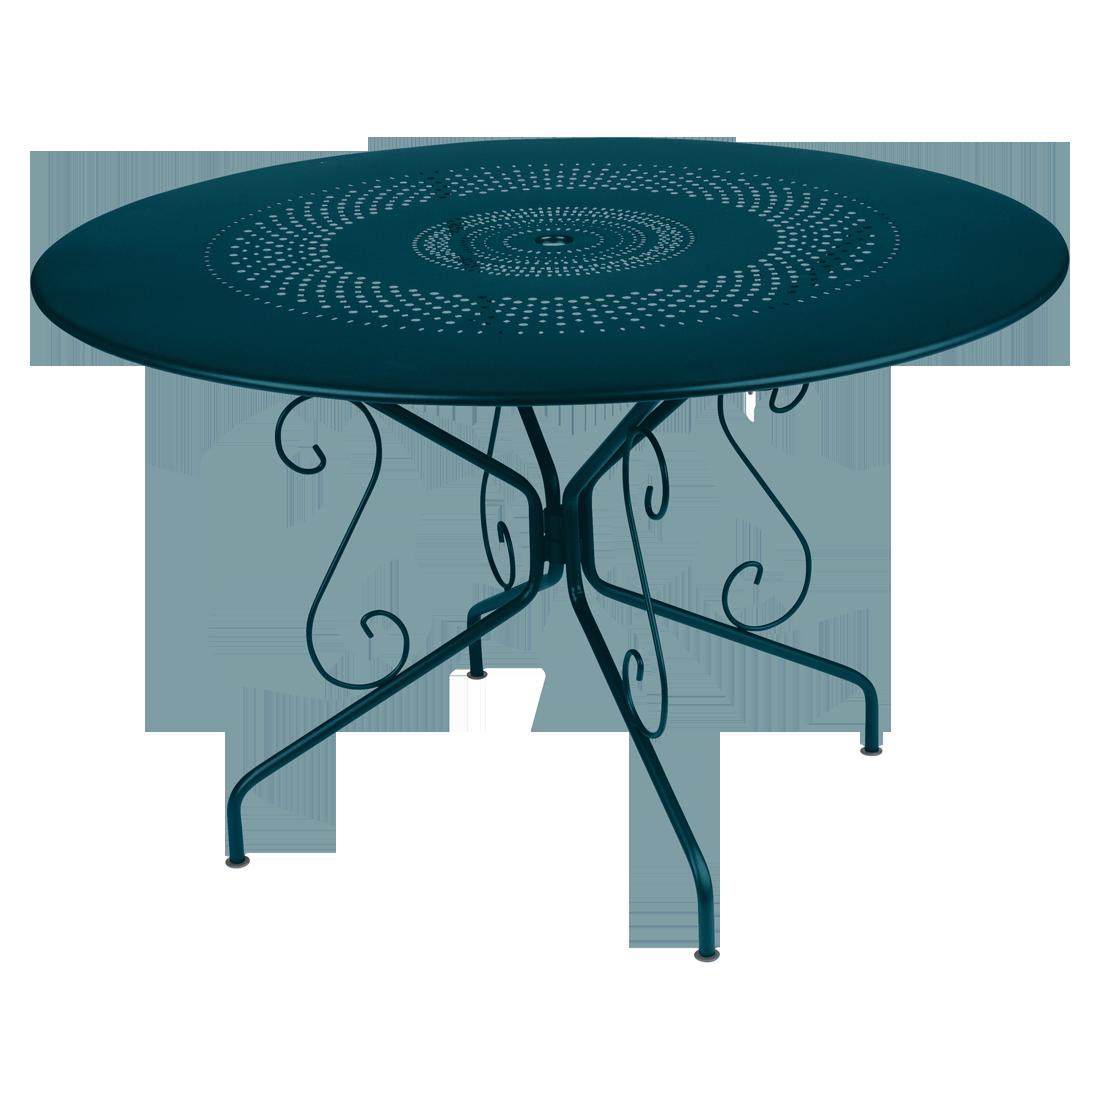 Table Ø 117 cm montmartre bleu acapulco